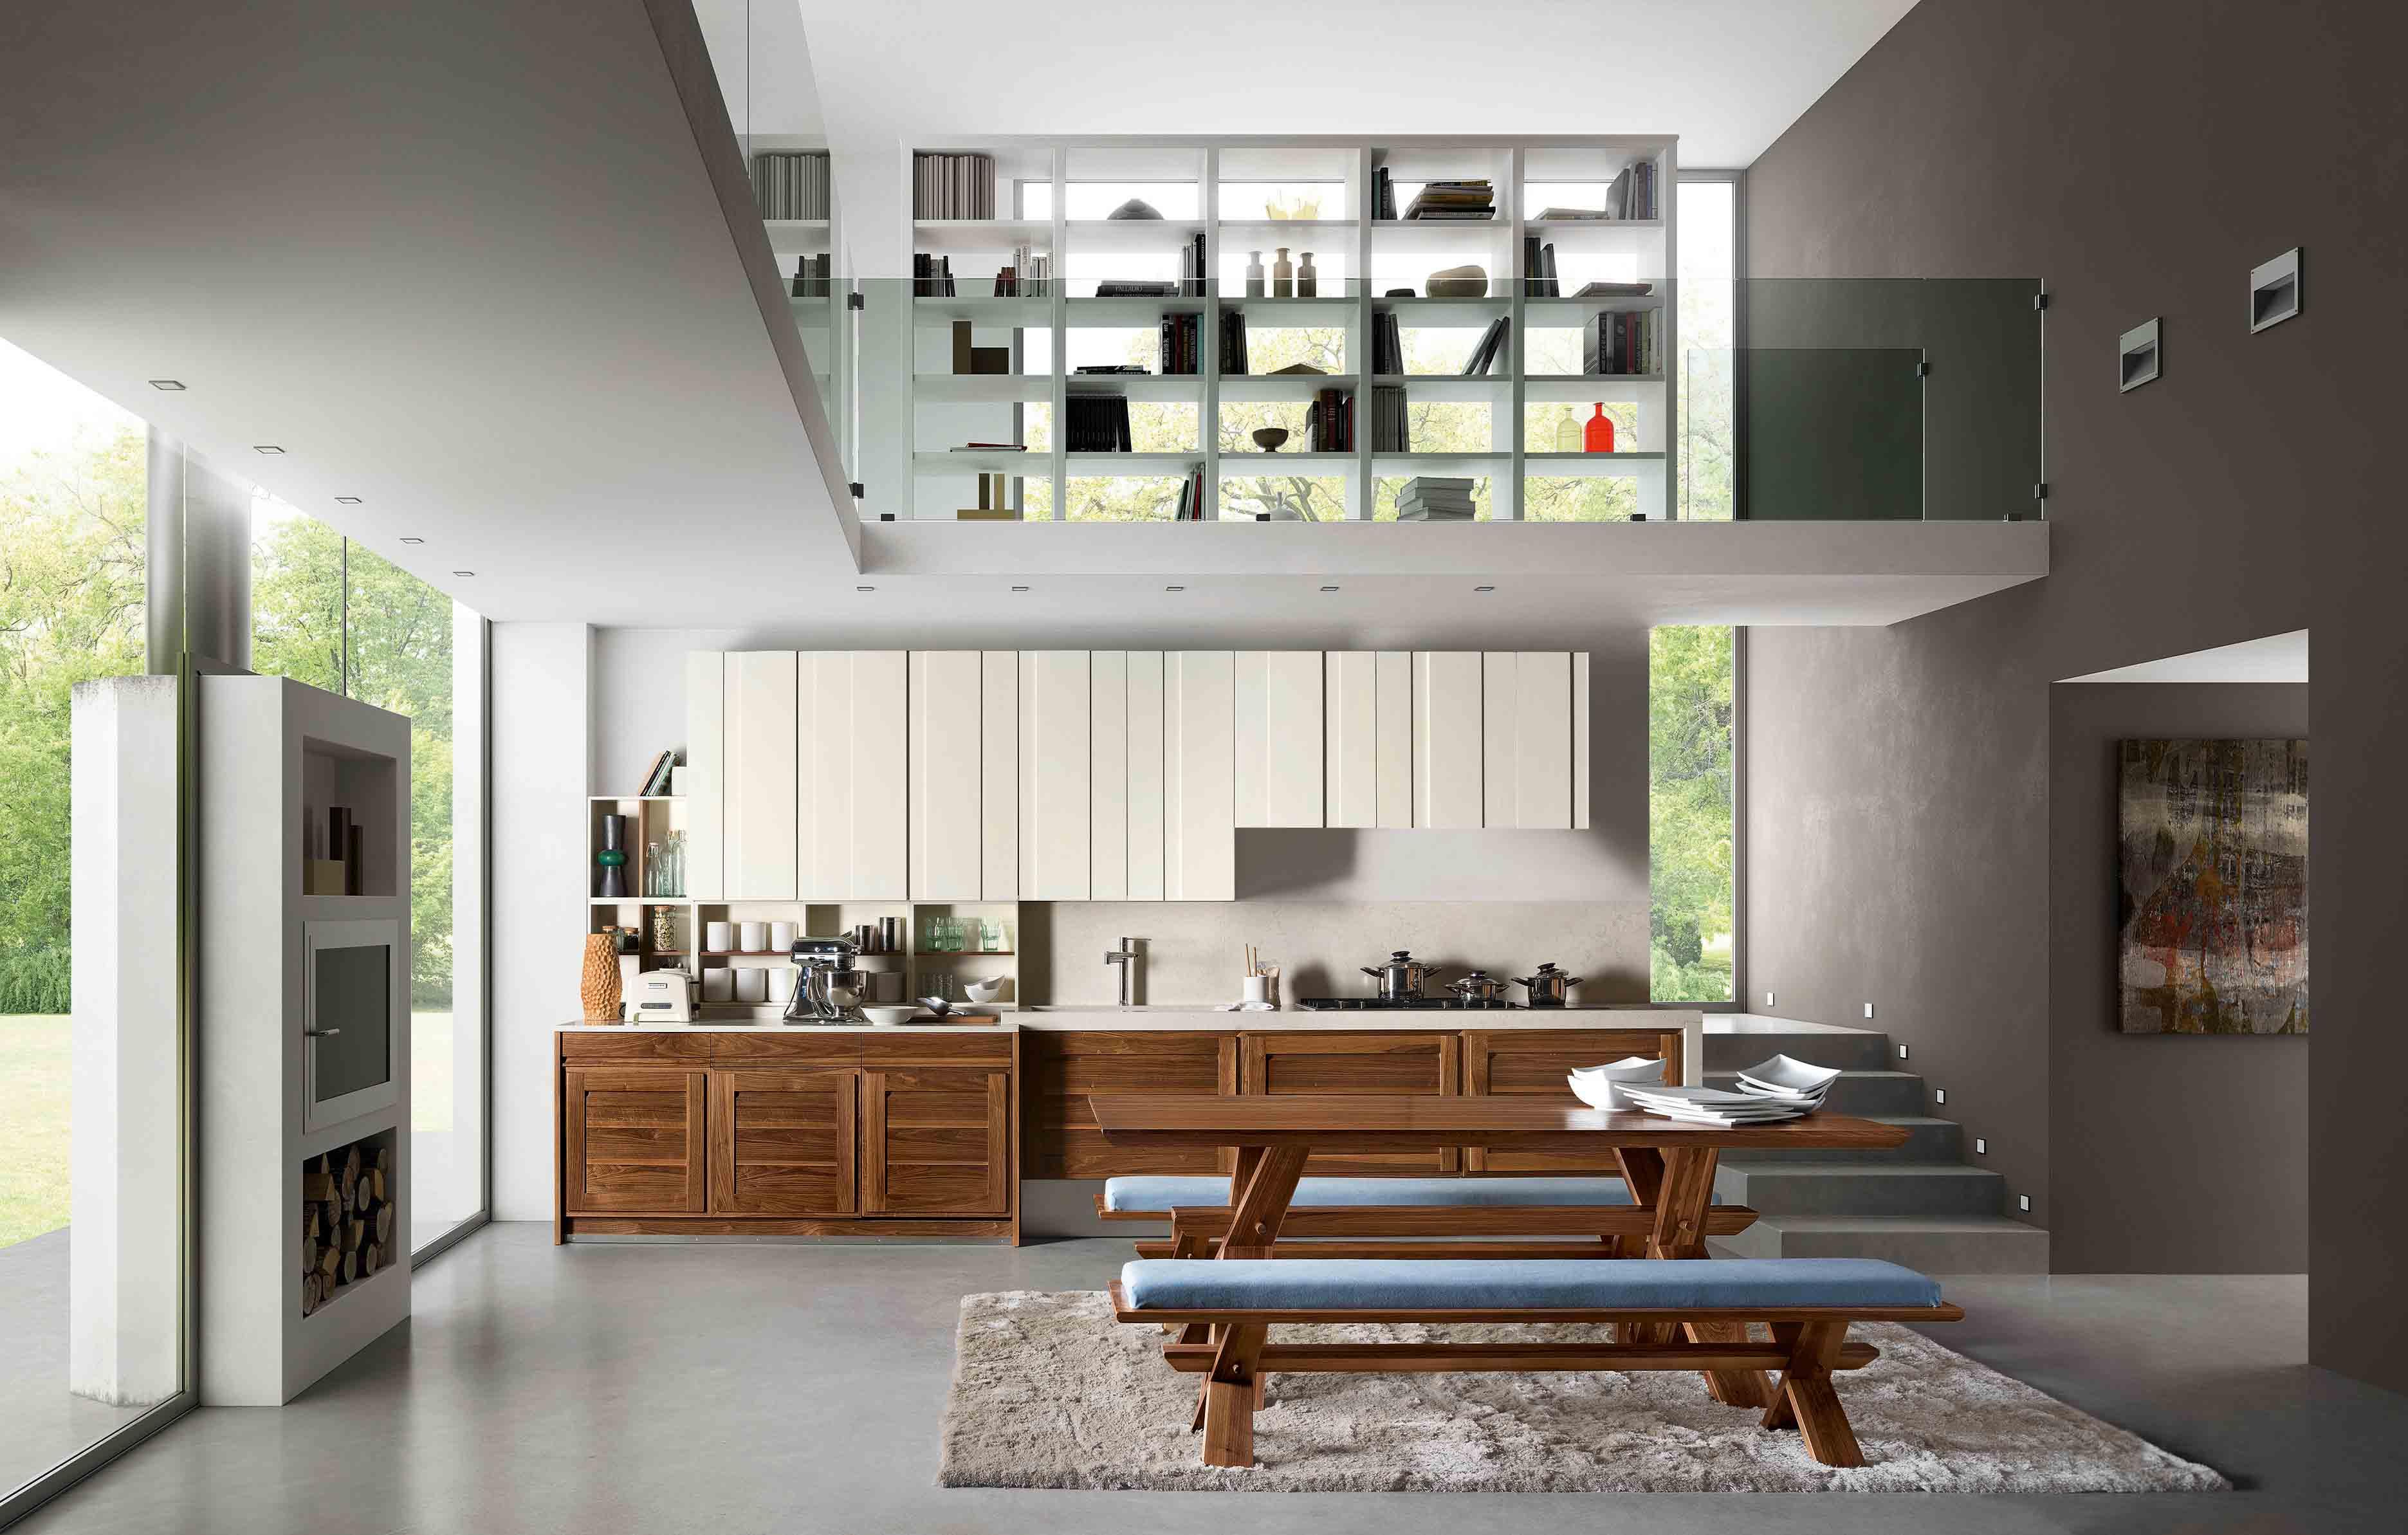 Cucina Canaletto - Cucina moderna in legno massello   L ...